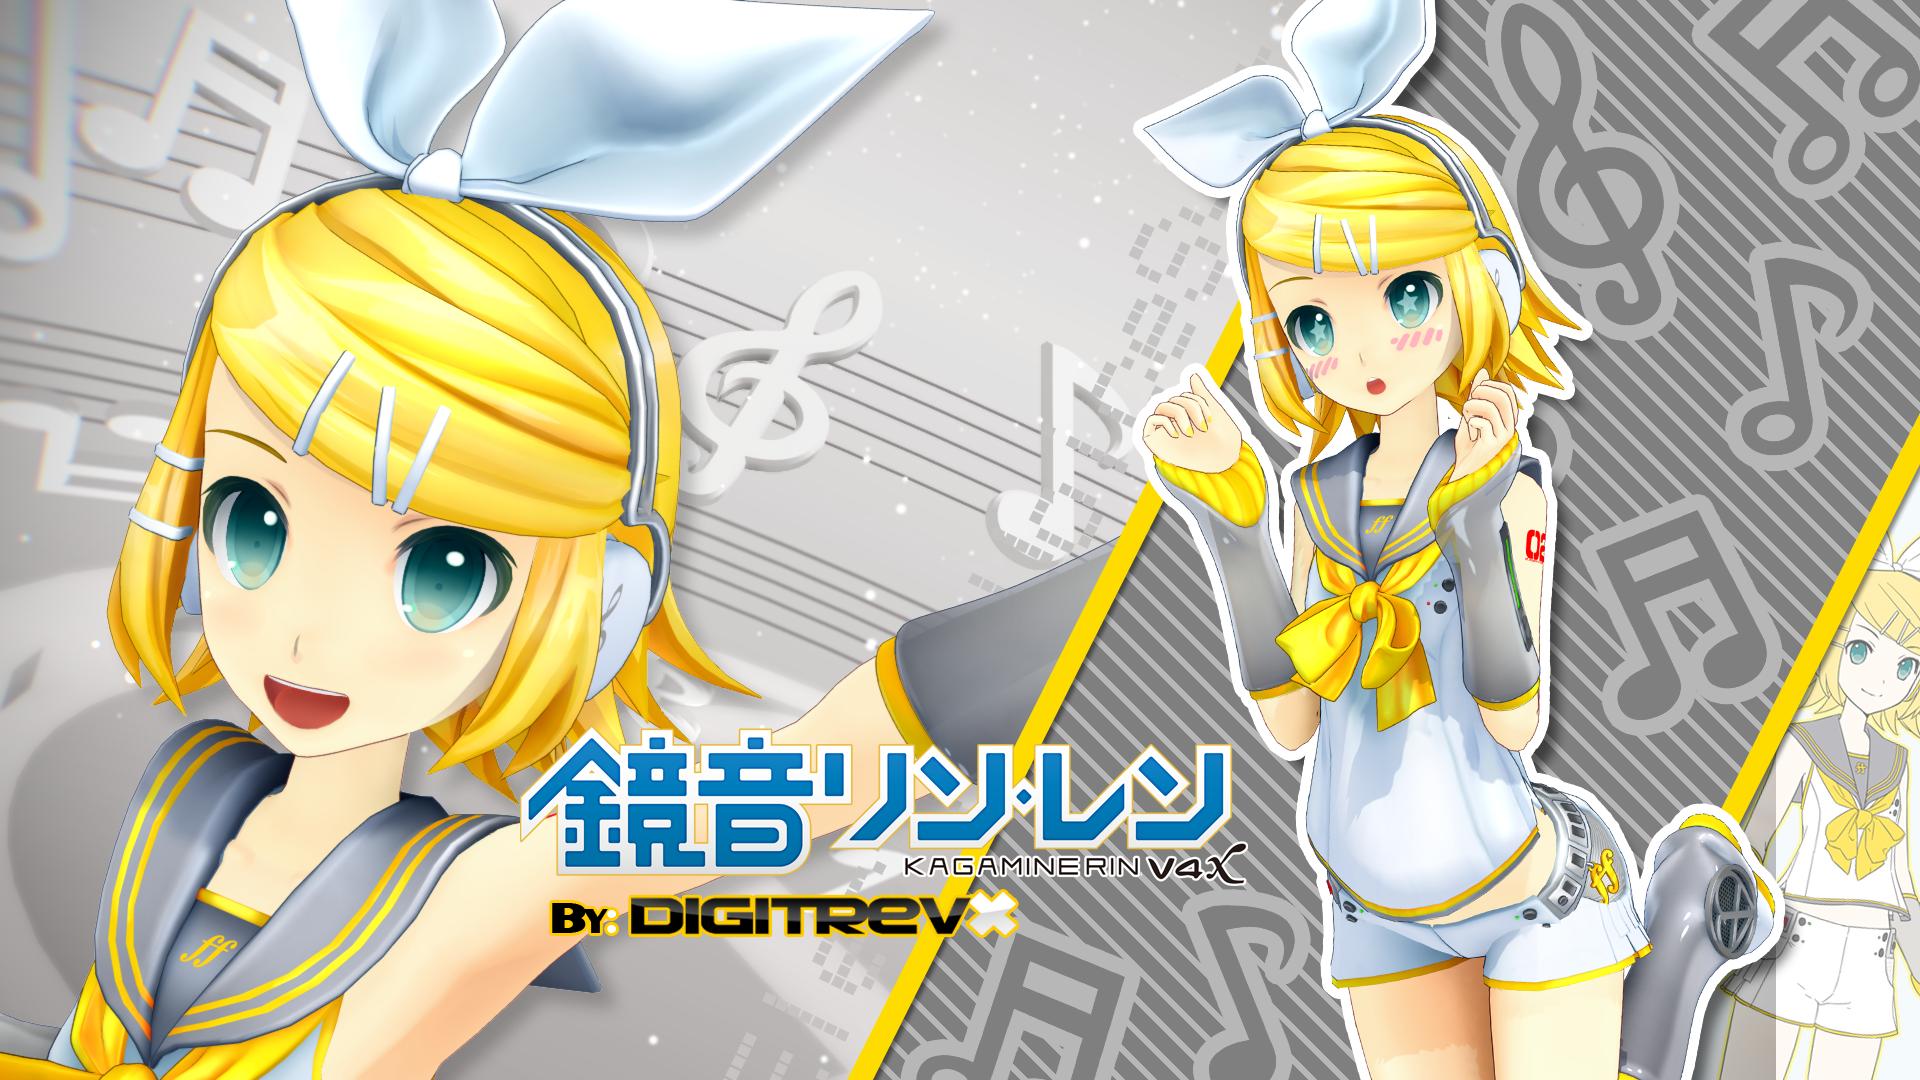 Kagamine Rin V4x Model By Digitrevx On Deviantart